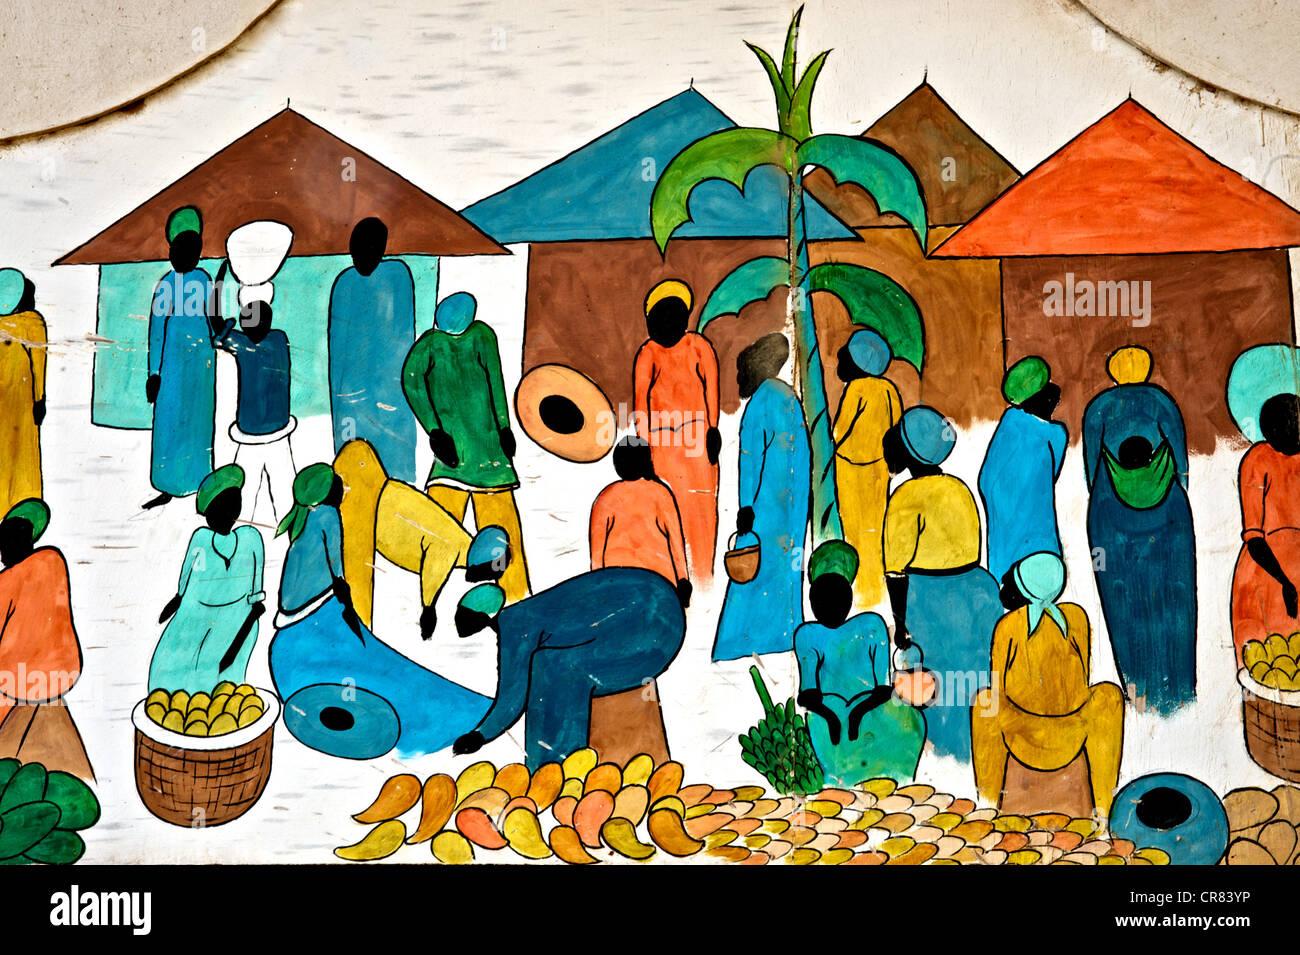 Dettaglio artistico di colorato disegno raffigurante la vita africana Foto Stock